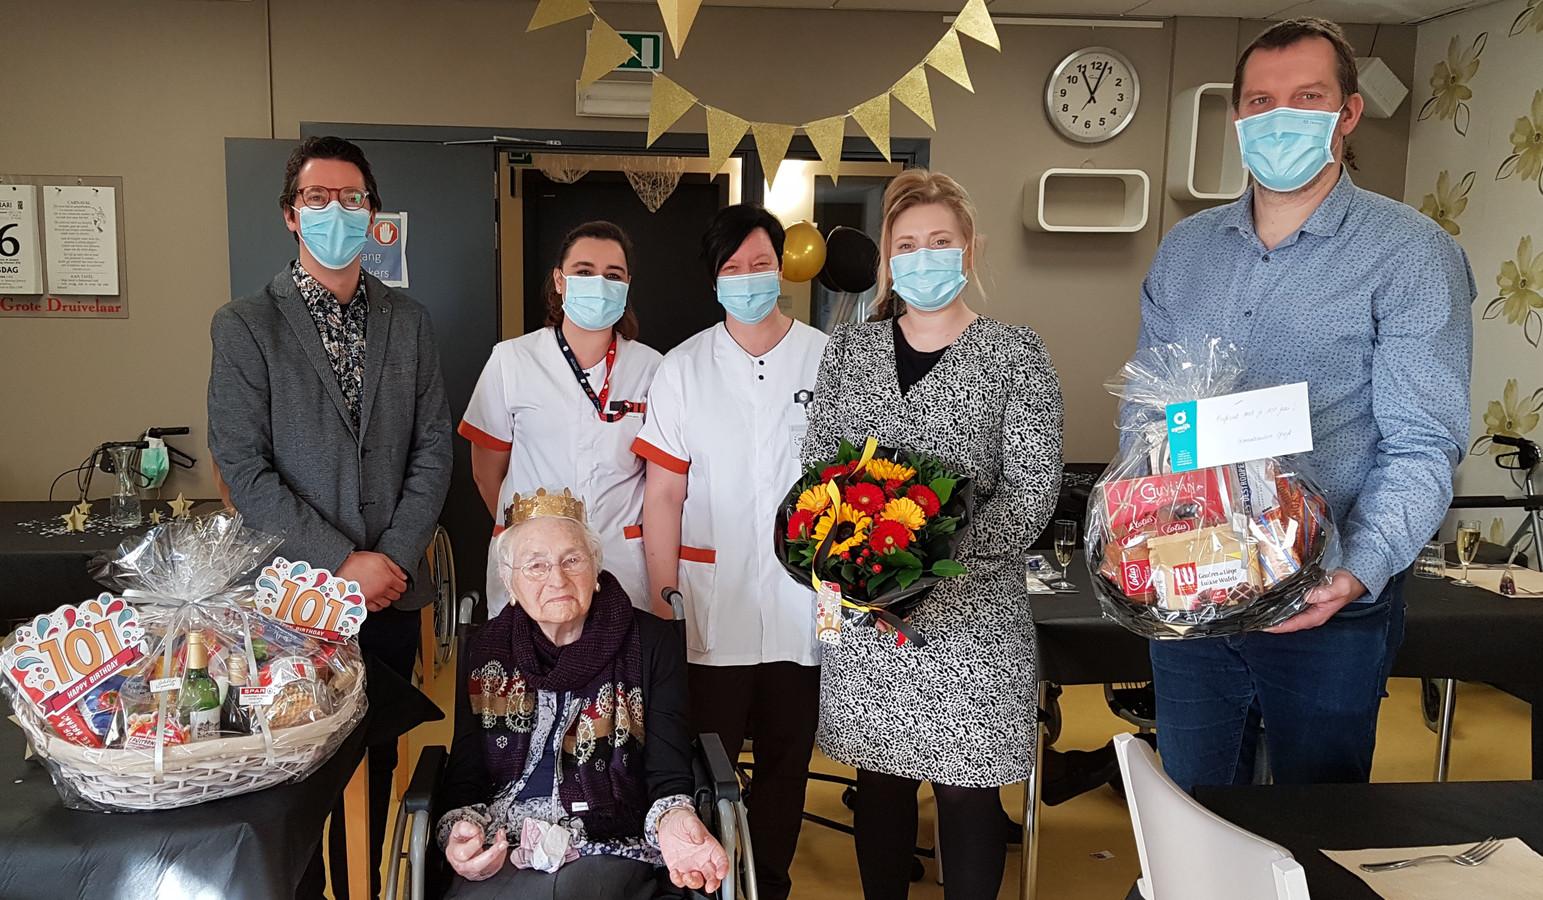 Maria Wauwereyns mocht enkele dagen geleden liefst 101 kaarsjes uitblazen in woonzorgcentrum De Oase.